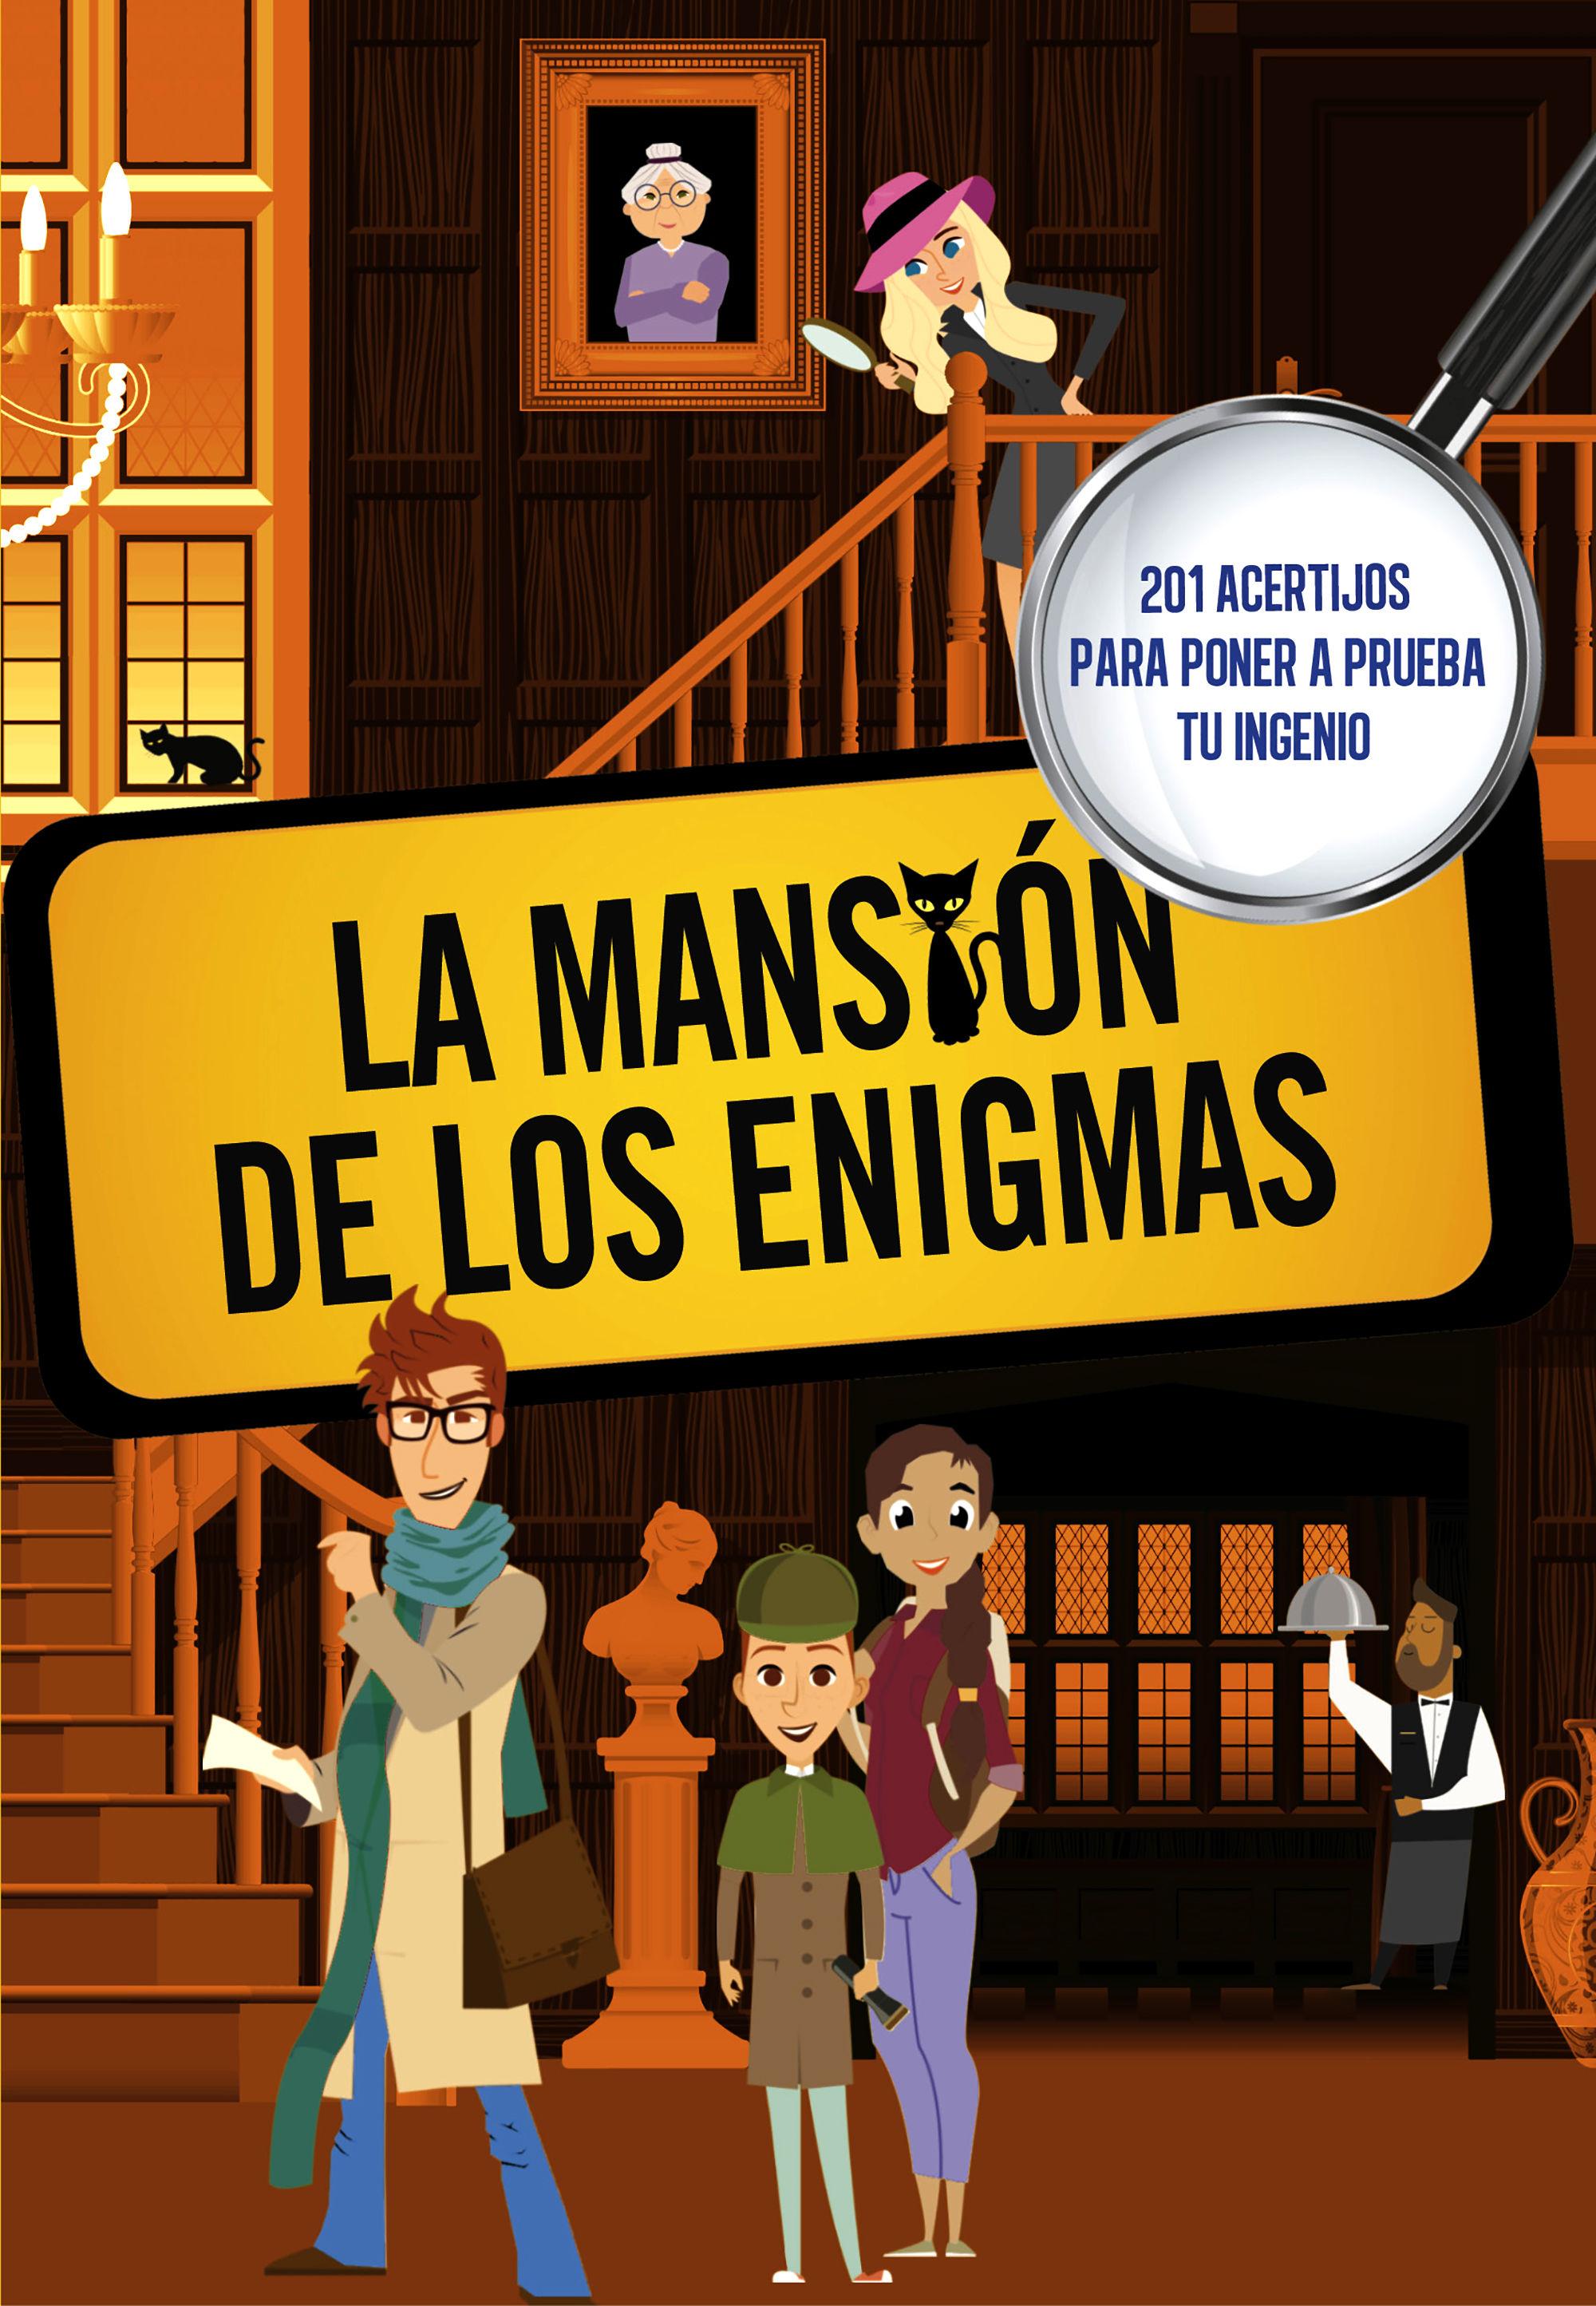 MANSION DE LOS ENIGMAS LA